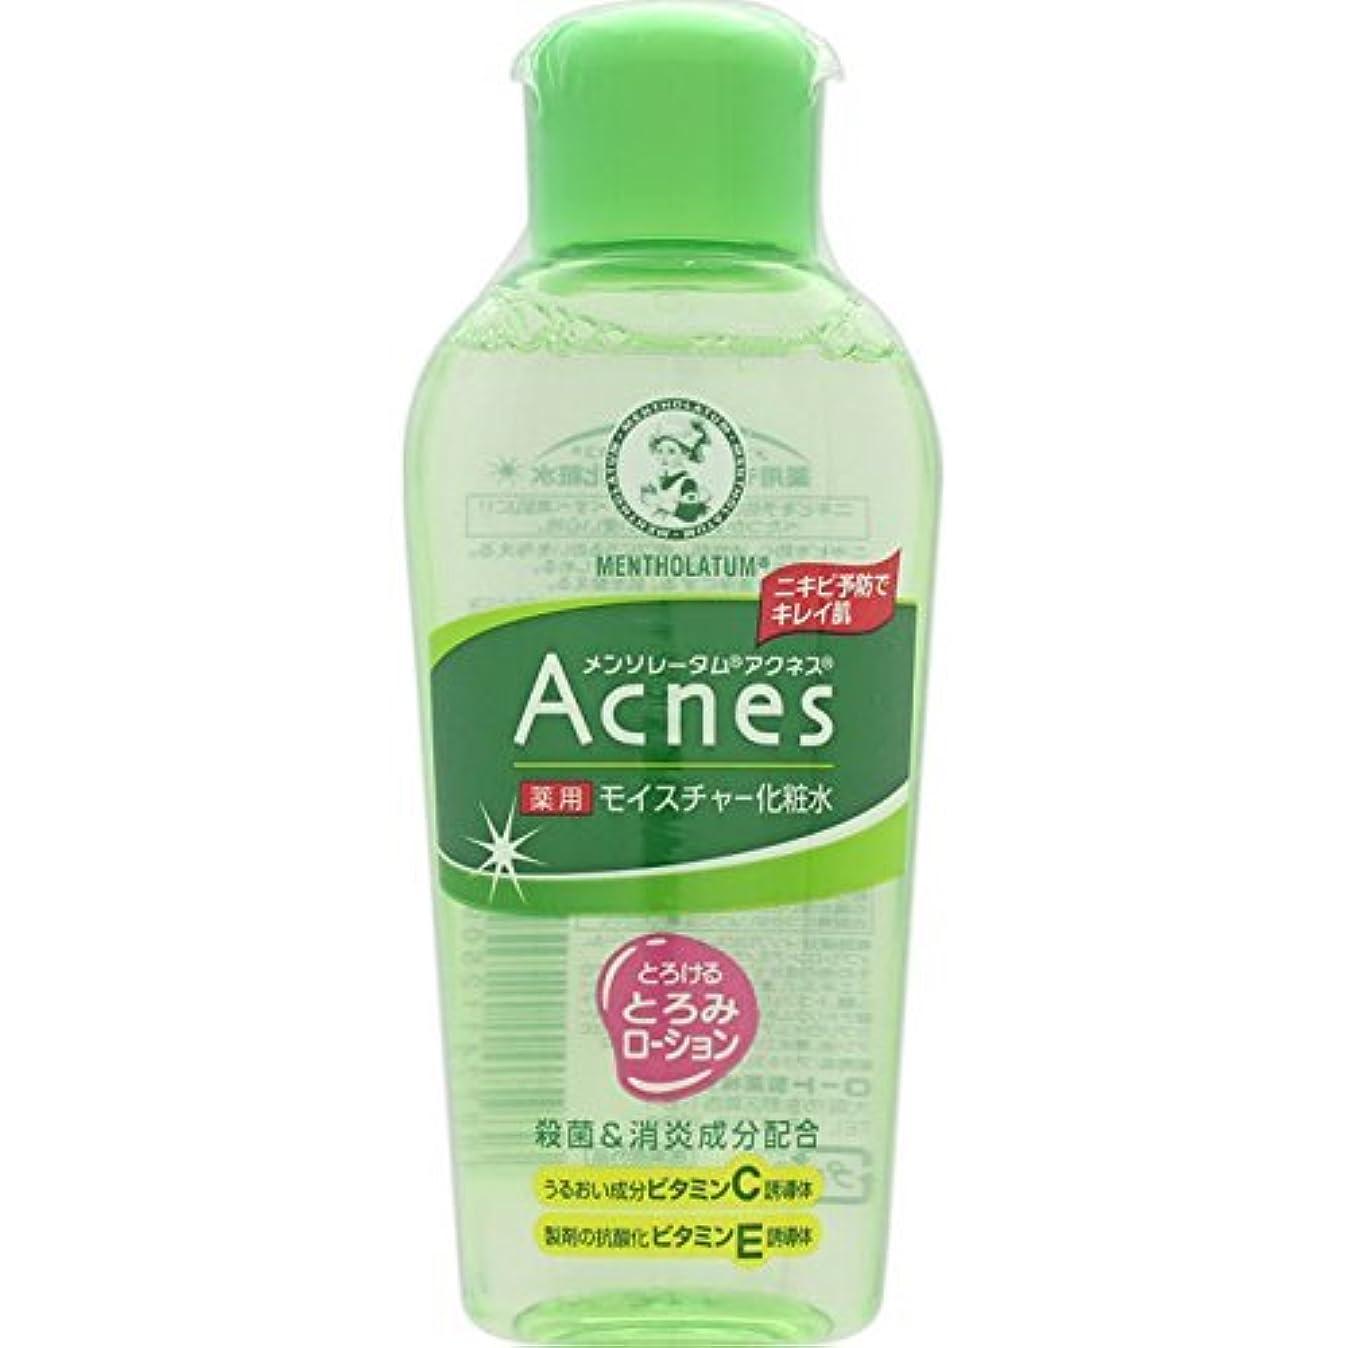 海もっともらしい損傷Acnes(アクネス) 薬用モイスチャー化粧水 120mL【医薬部外品】